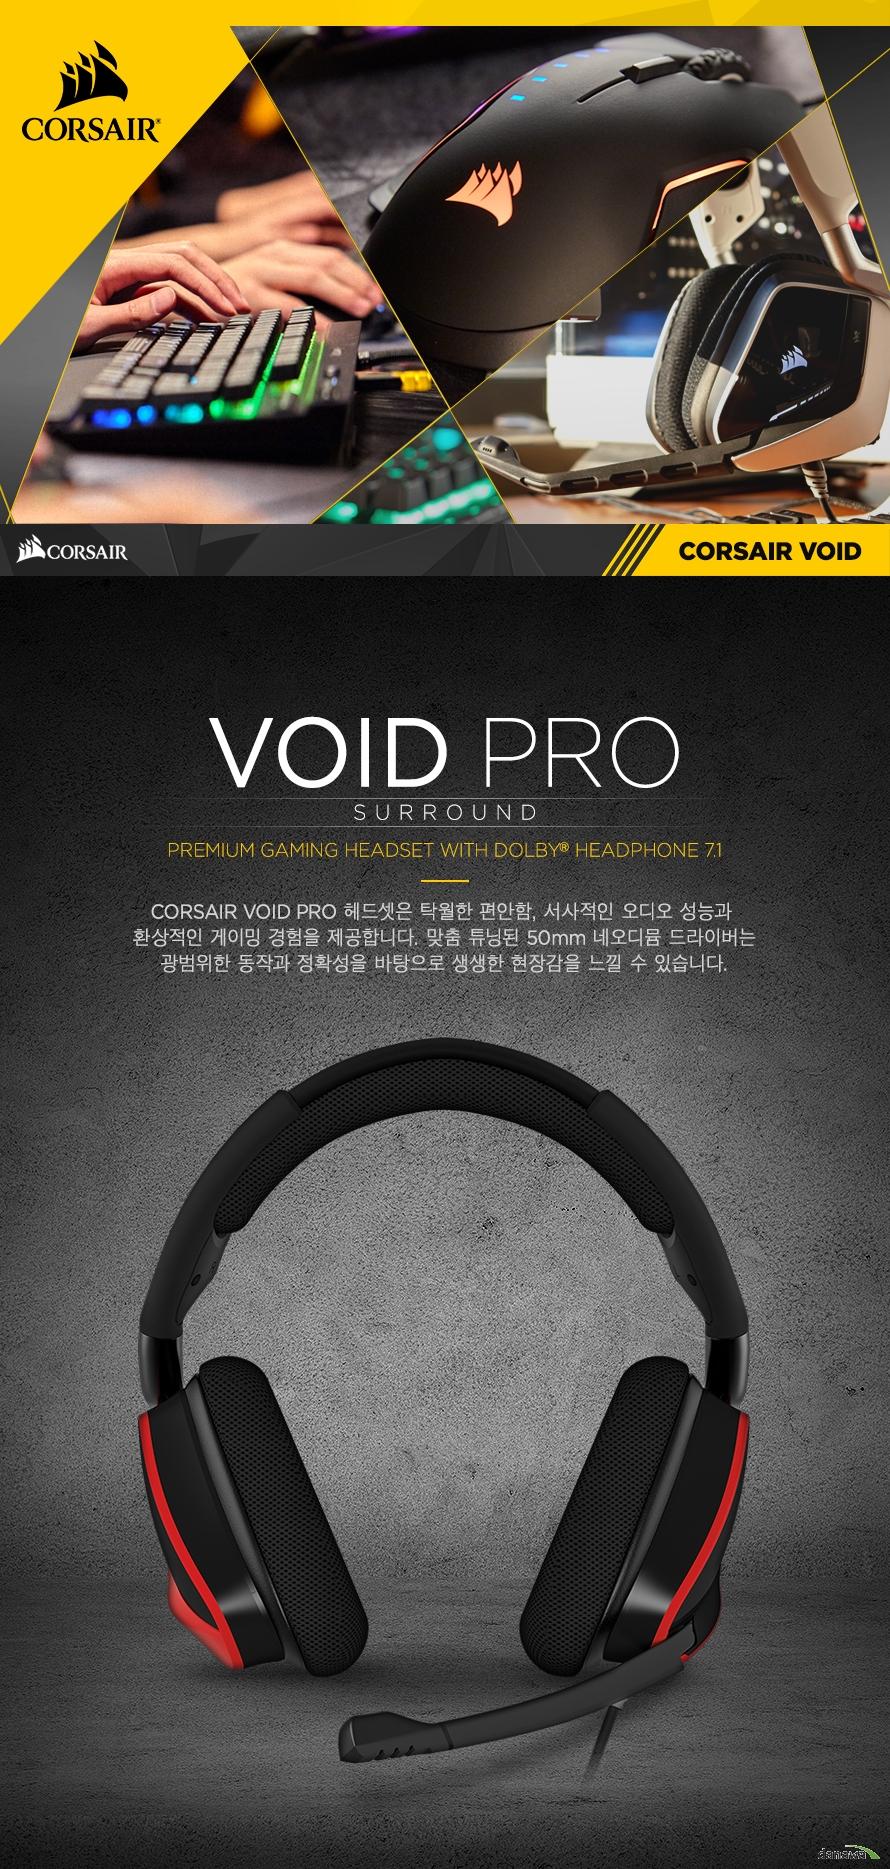 CORSAIR VOID PRO 헤드셋은 탁월한 편안함, 서사적인 오디오 성능과 환상적인 게이밍 경험을 제공합니다. 맞춤 튜닝된 50mm 네오디뮴 드라이버는광범위한 동작과 정확성을 바탕으로 생생한 현장감을 느낄 수 있습니다.